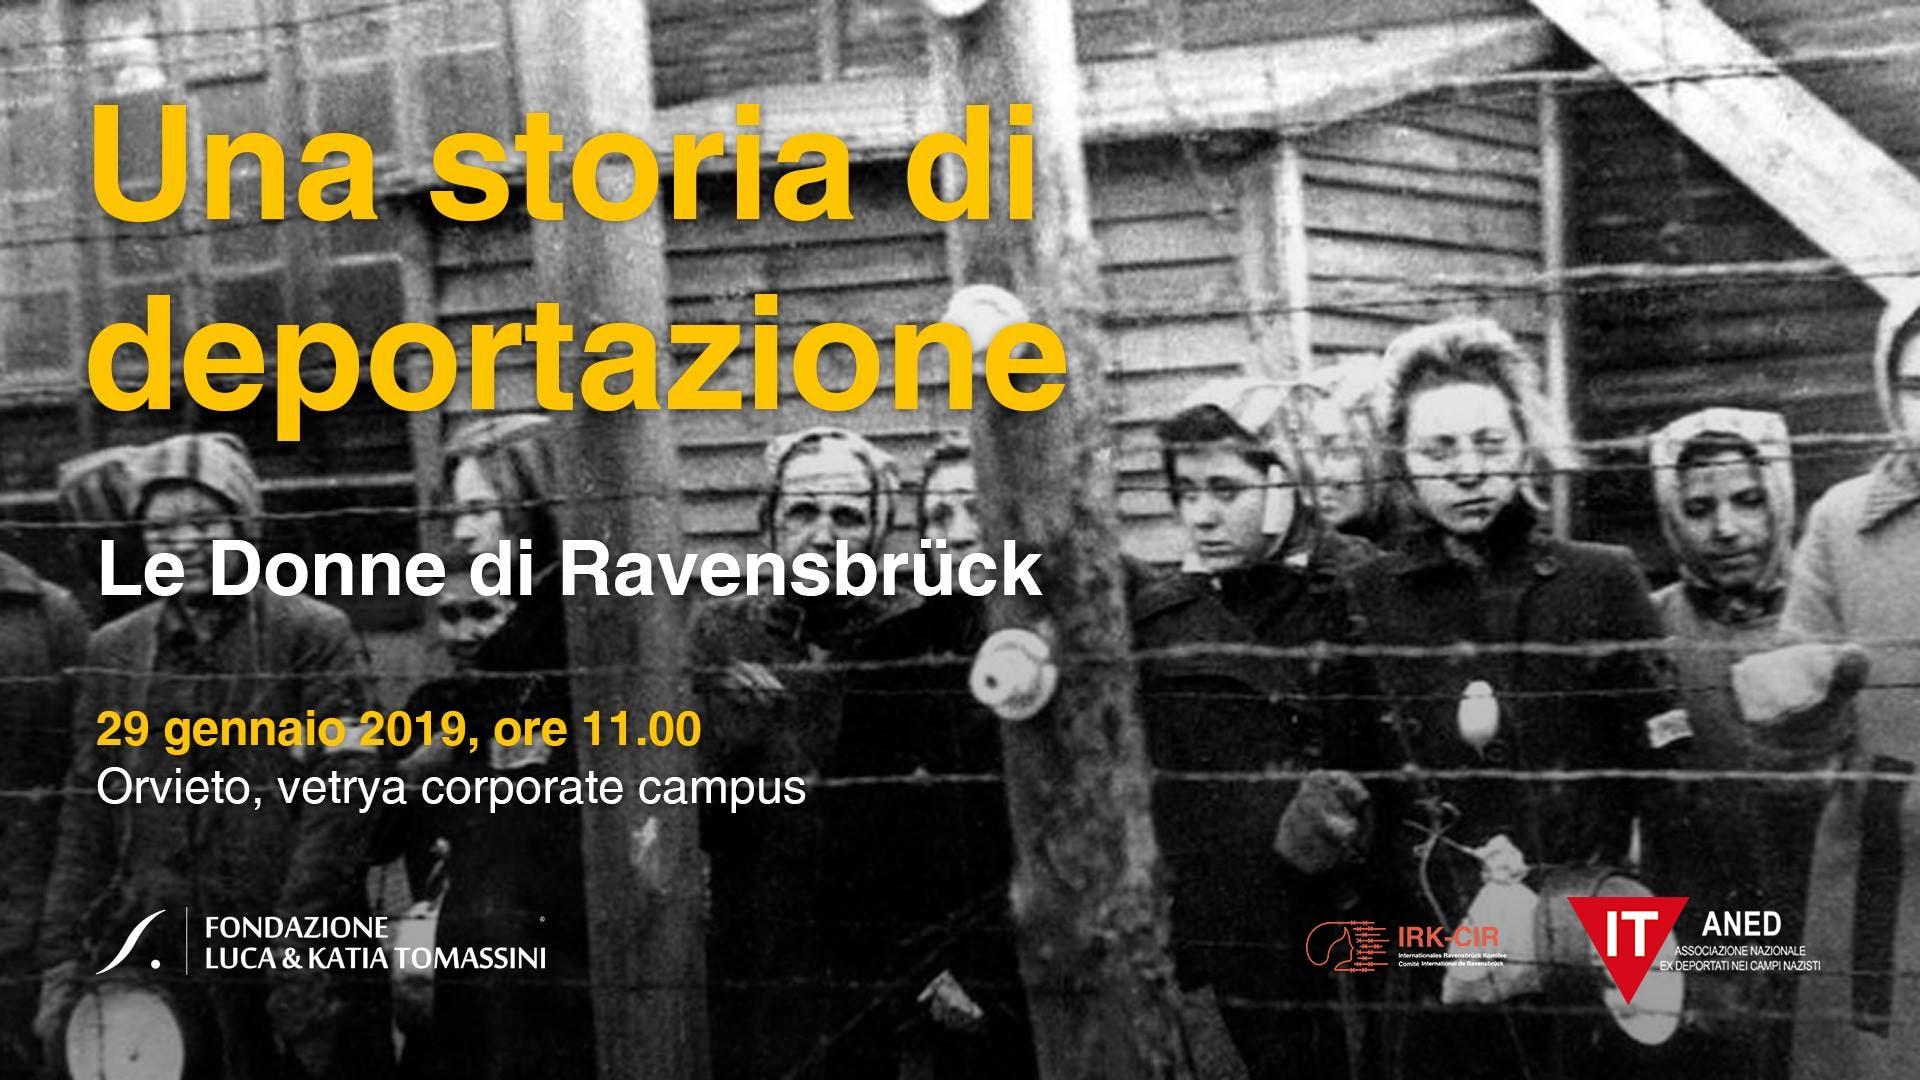 Una storia di deportazione. Monito e memoria. Le donne di Ravensbruck. 5d9240ca99c